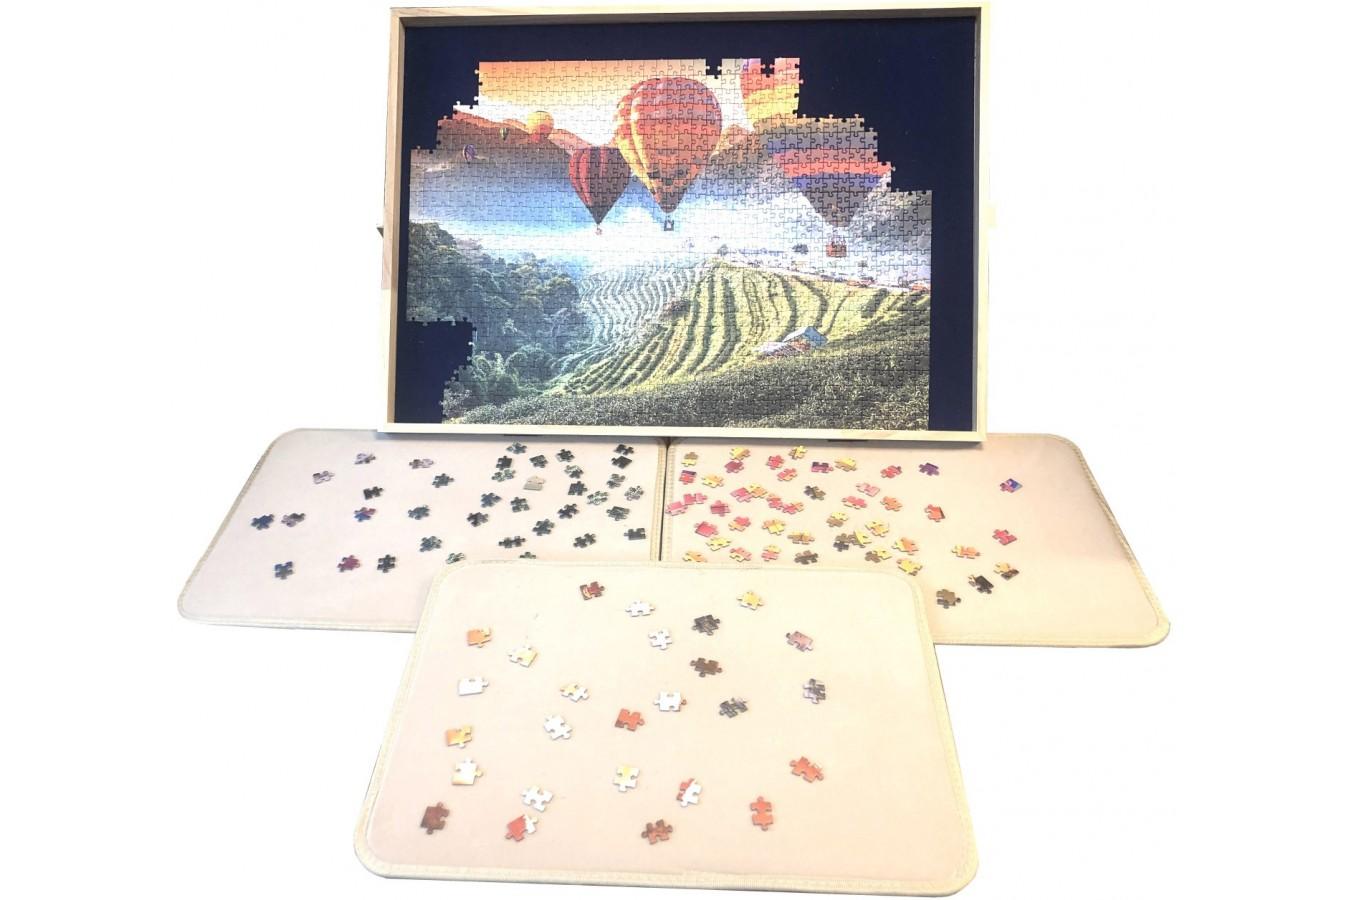 Masa Deluxe pentru puzzle de 1000 de piese, cu 3 tavi pentru sortare imagine